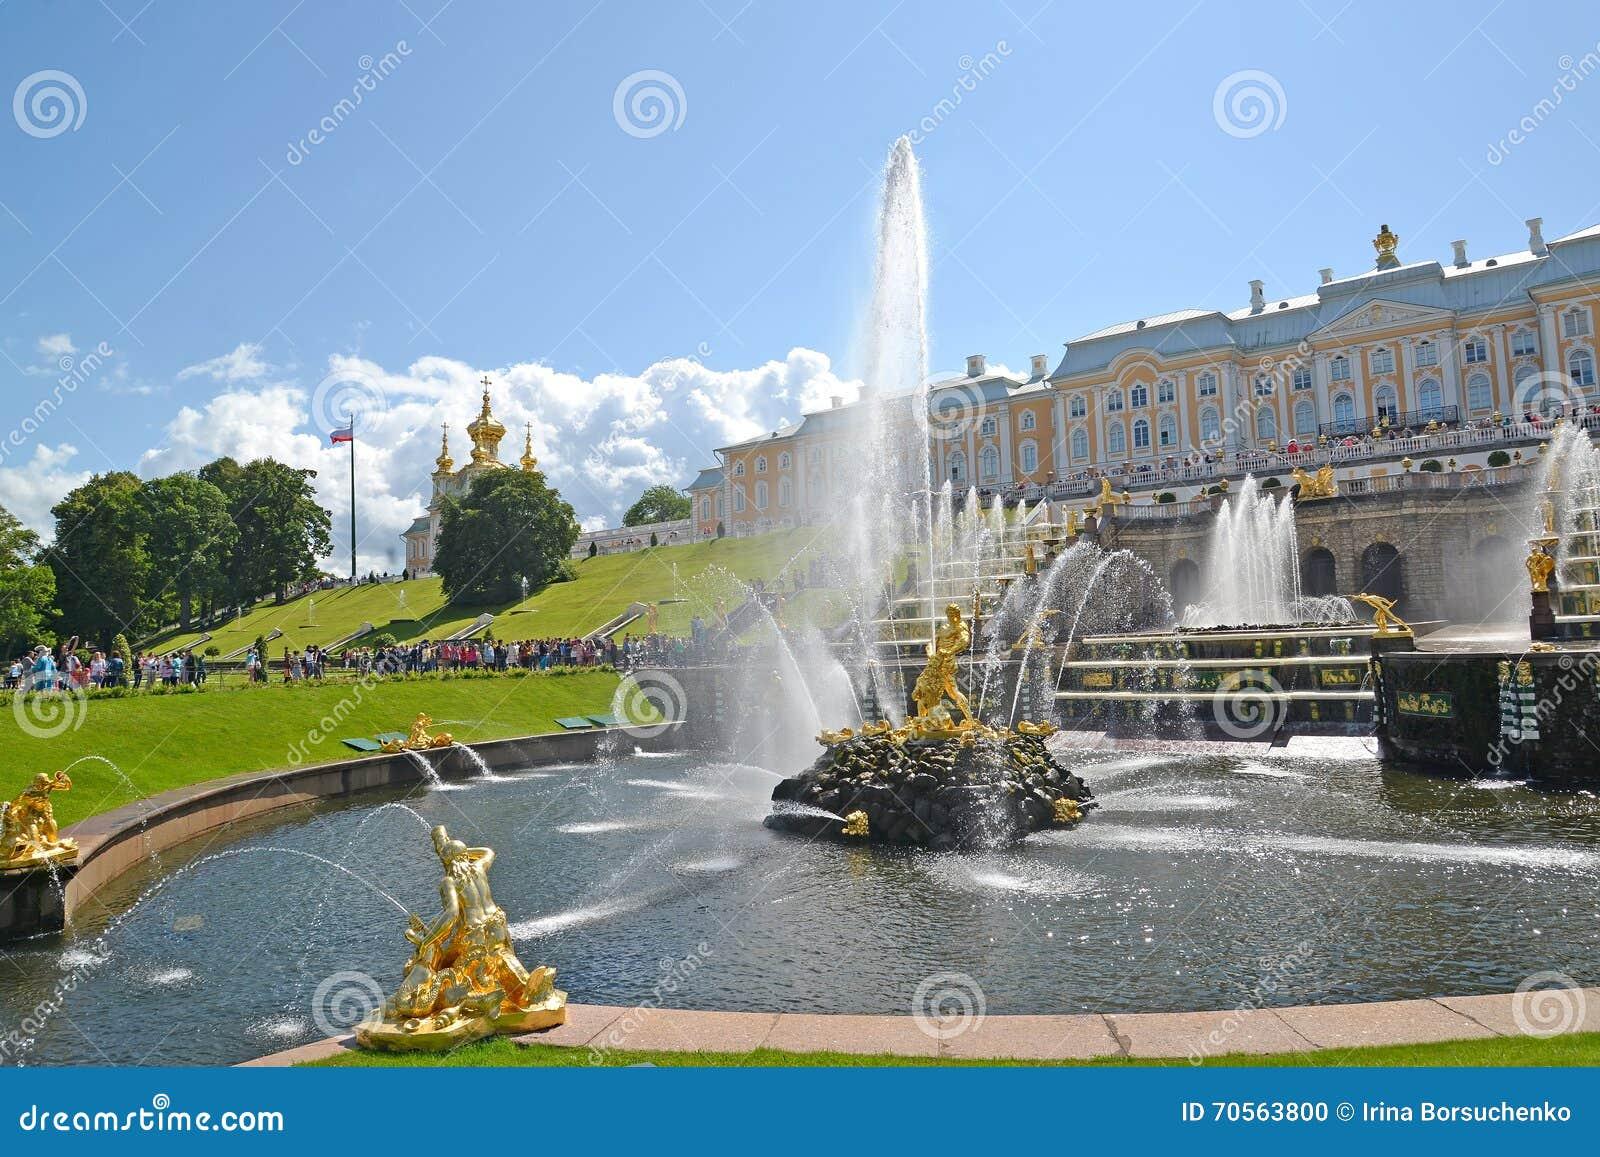 Peterhof Russia Widok Samson Który Drzeje Oddzielnie lwa usta fontannę Dużą kaskadę i obniża parka